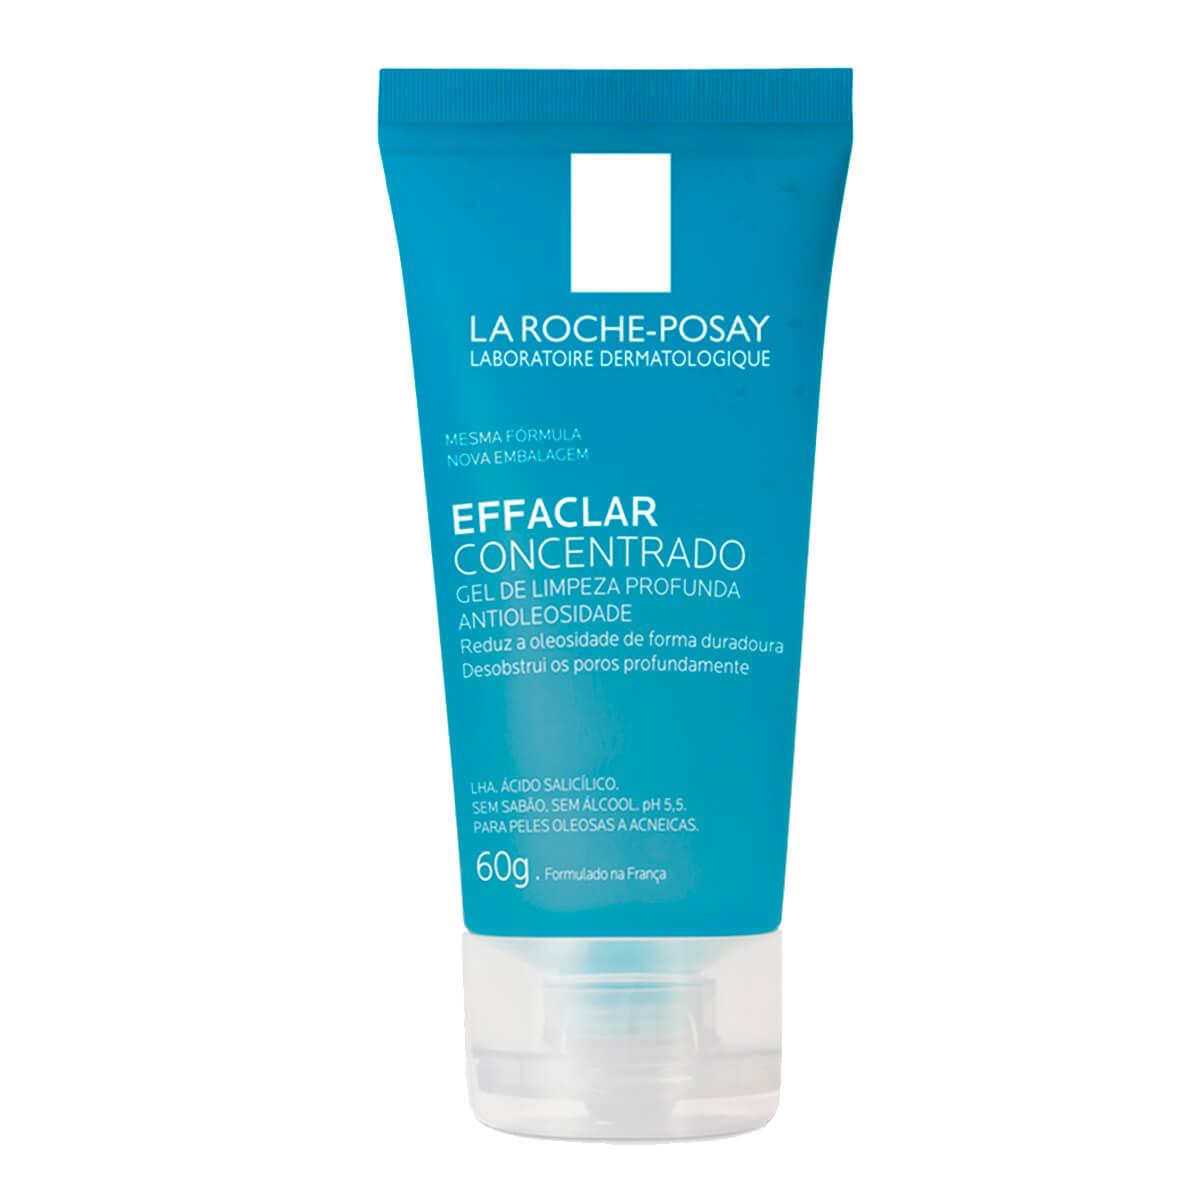 Gel de Limpeza Facial Effaclar Concentrado La Roche-Posay com 60g 60g